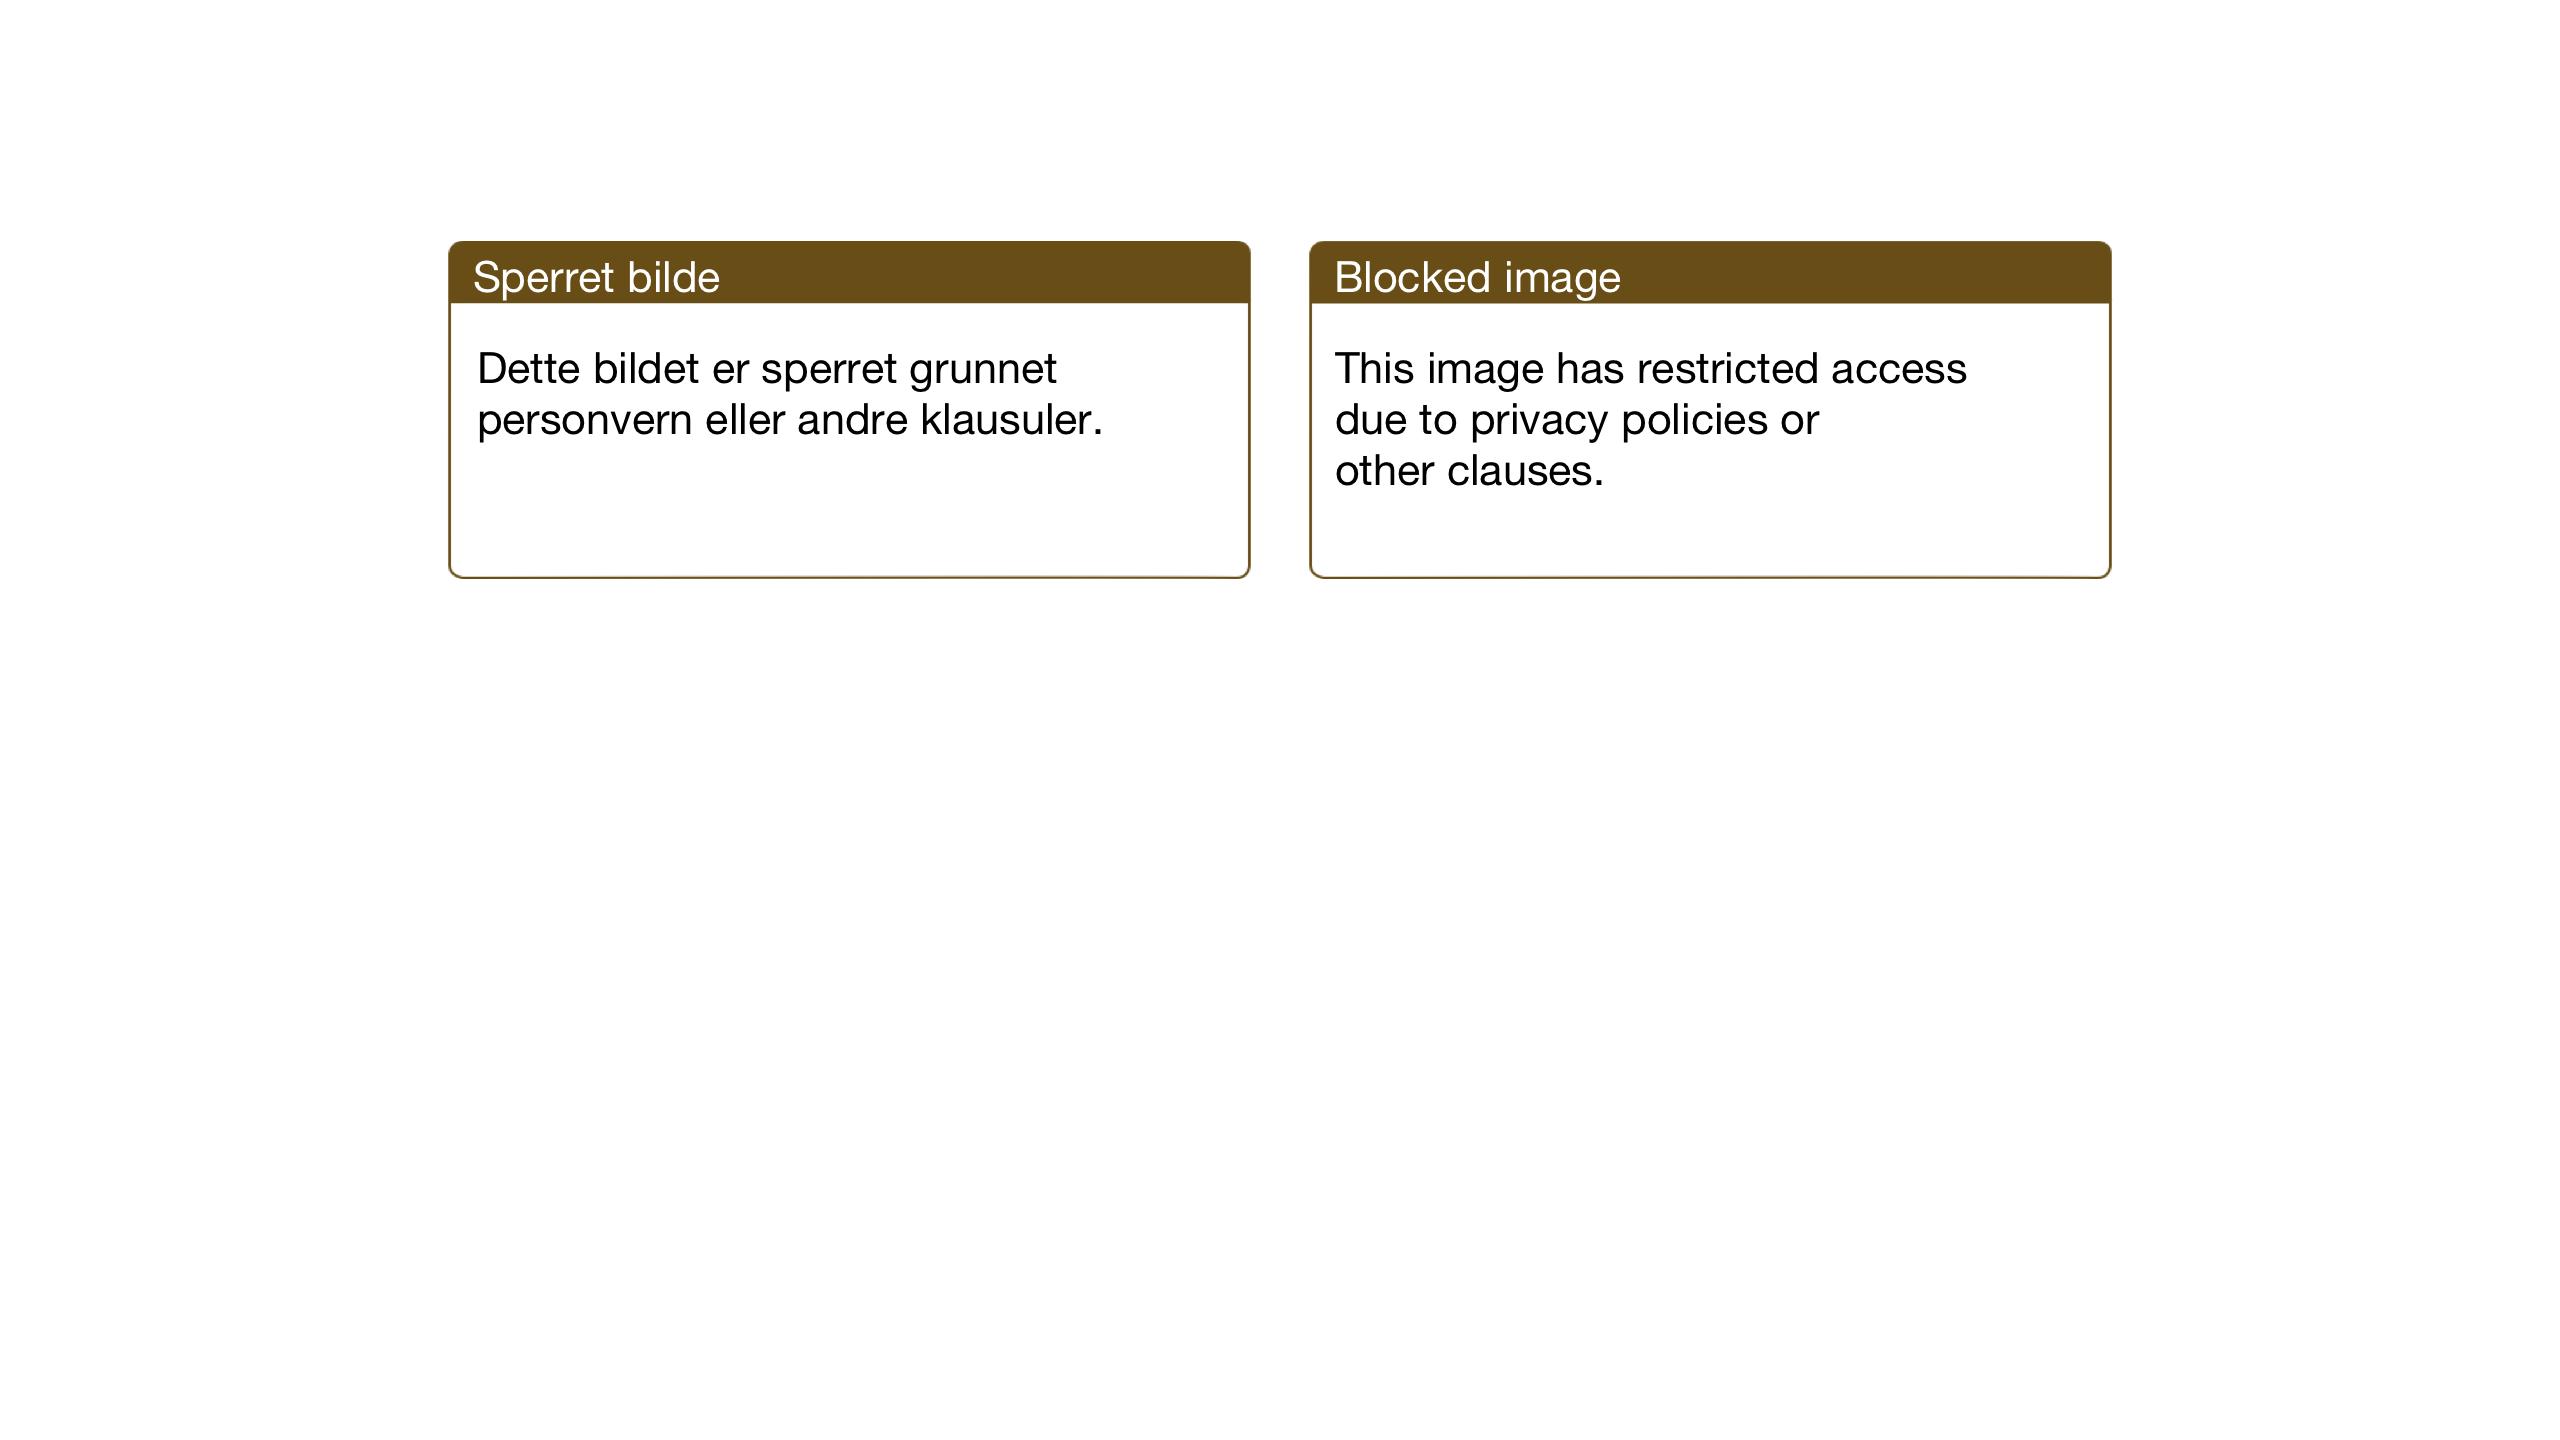 RA, Justisdepartementet, Sivilavdelingen (RA/S-6490), 2000, s. 30